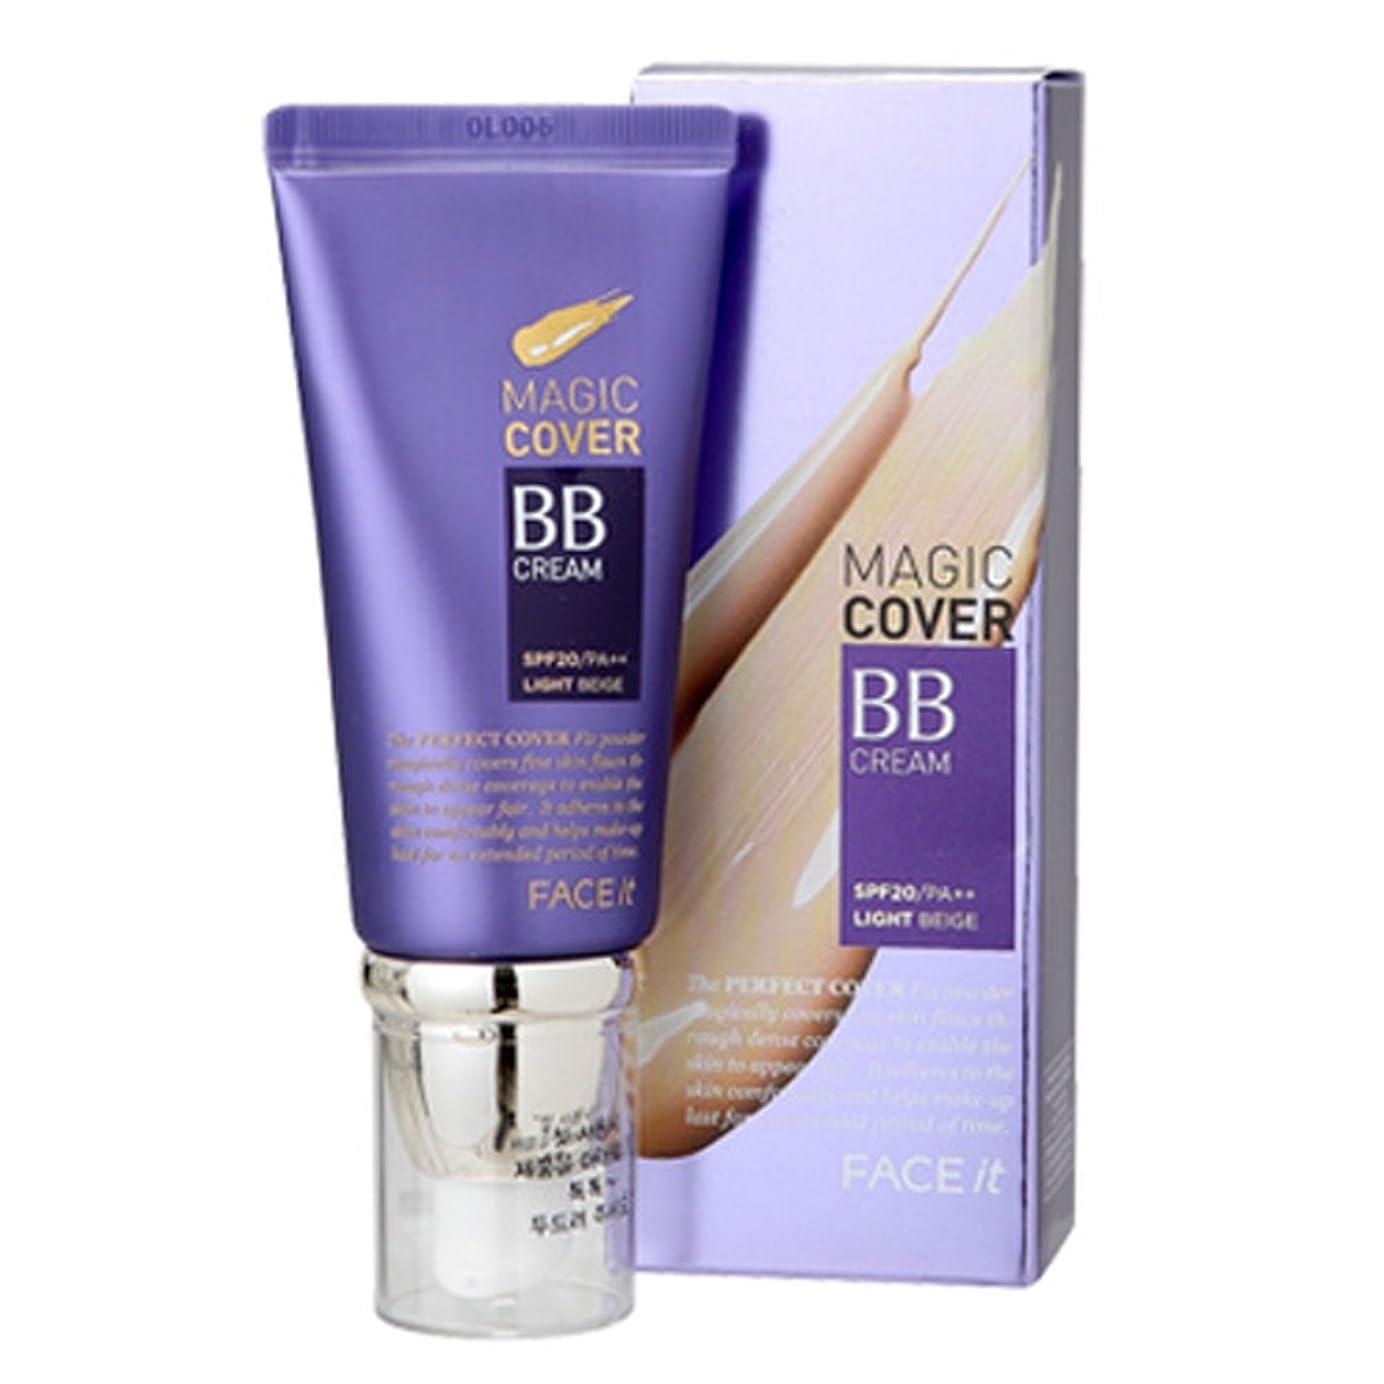 見つけたプレフィックス受信機ザフェイスショップ The Face Shop Face It Magic Cover BB Cream 45ml (02 Natural Beige)